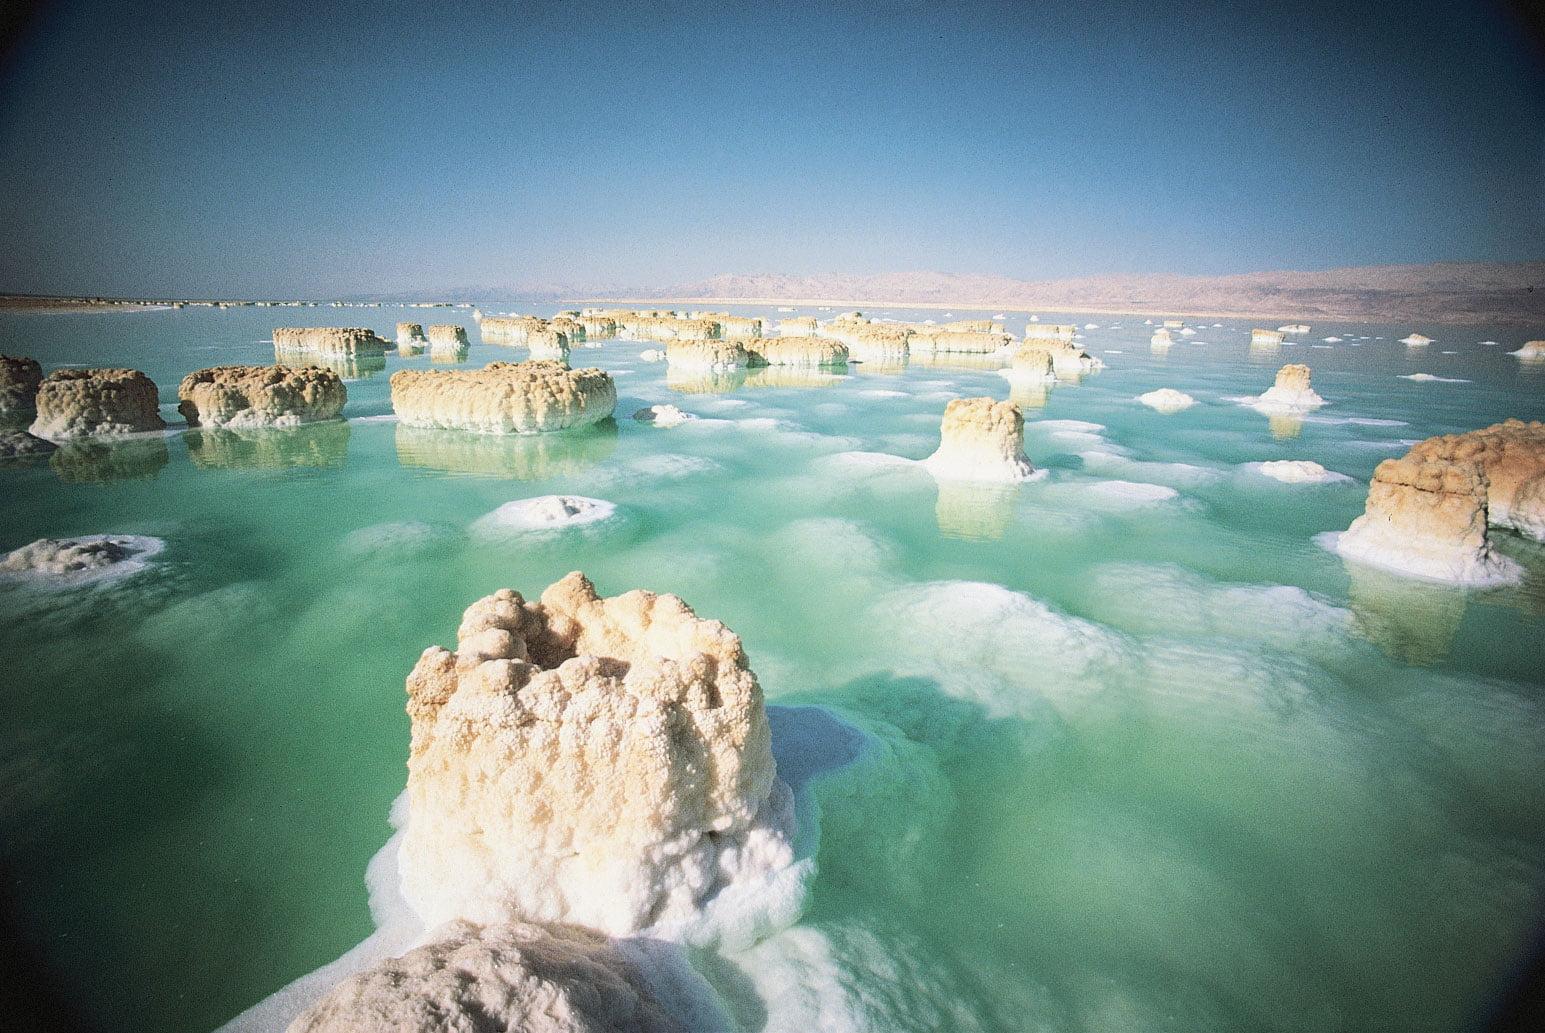 imagem de ilhas de sal no mar Morto